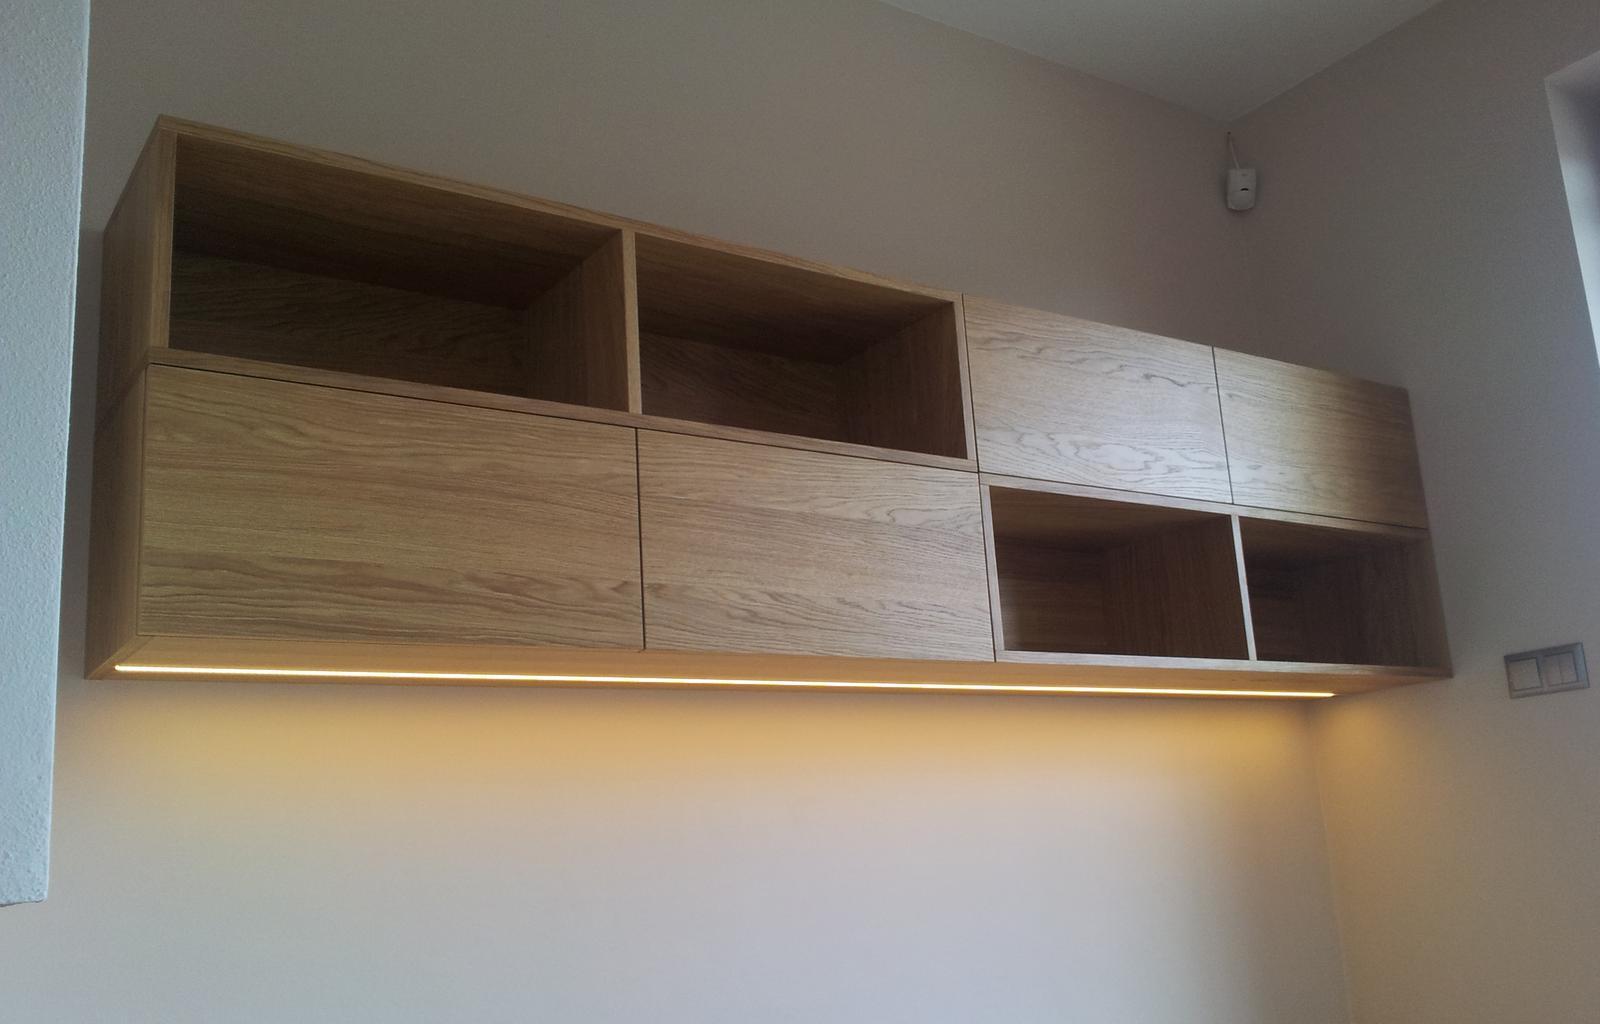 Dizajn a výroba nábytku na mieru Cubica - Závesná knižnica s LED osvetlením - dub prírodný - dizajn a výroba cubica